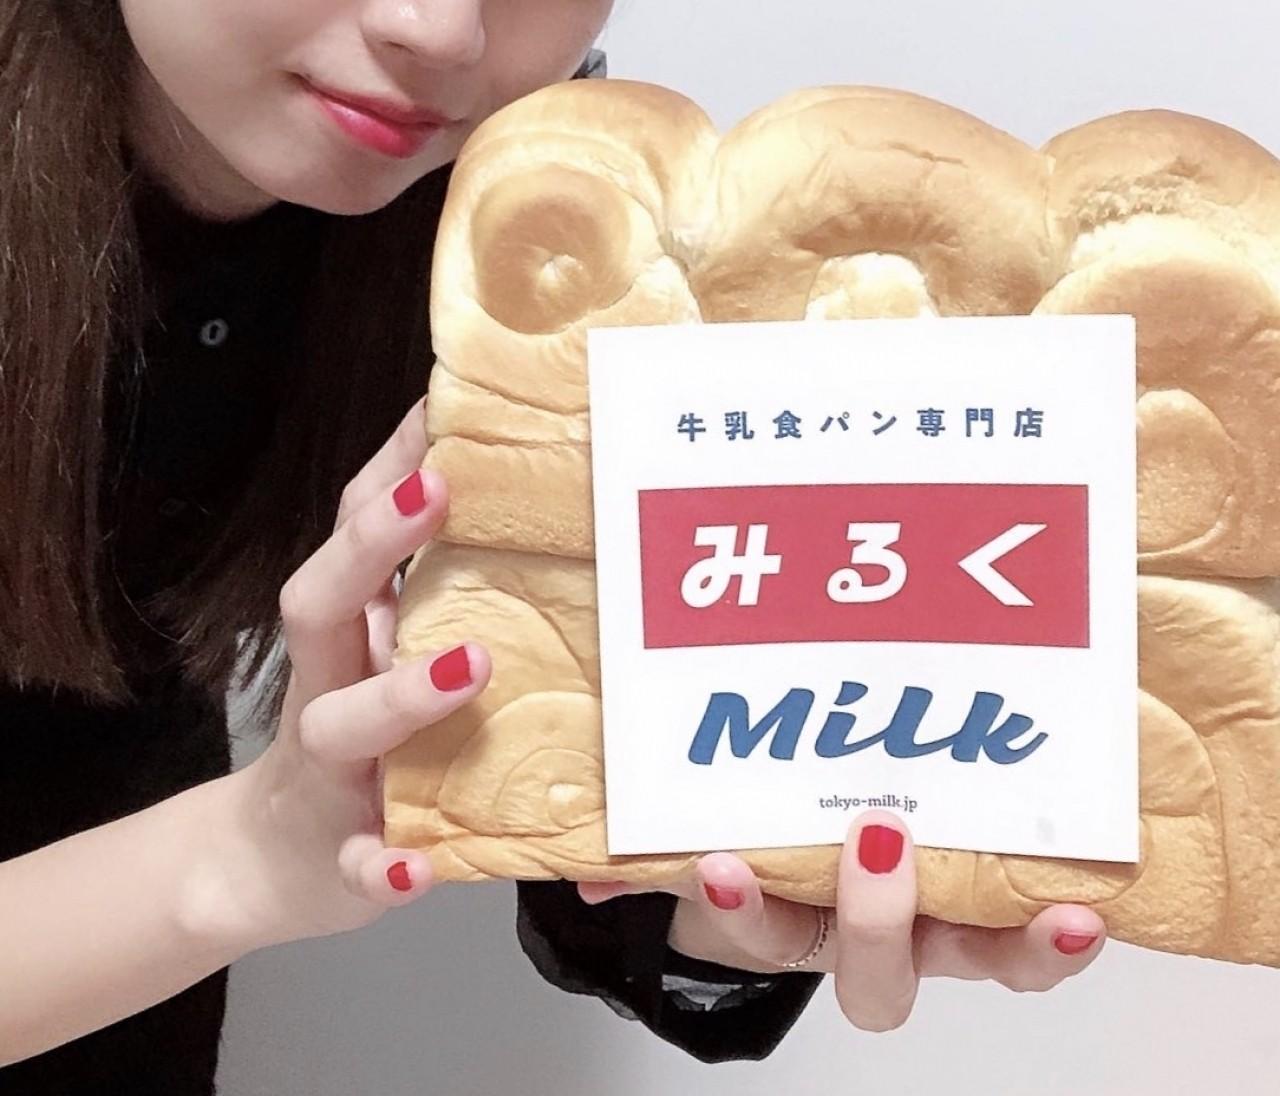 <東京グルメ>牛乳屋さんが作る専門店「牛乳食パン」が絶品ッ!